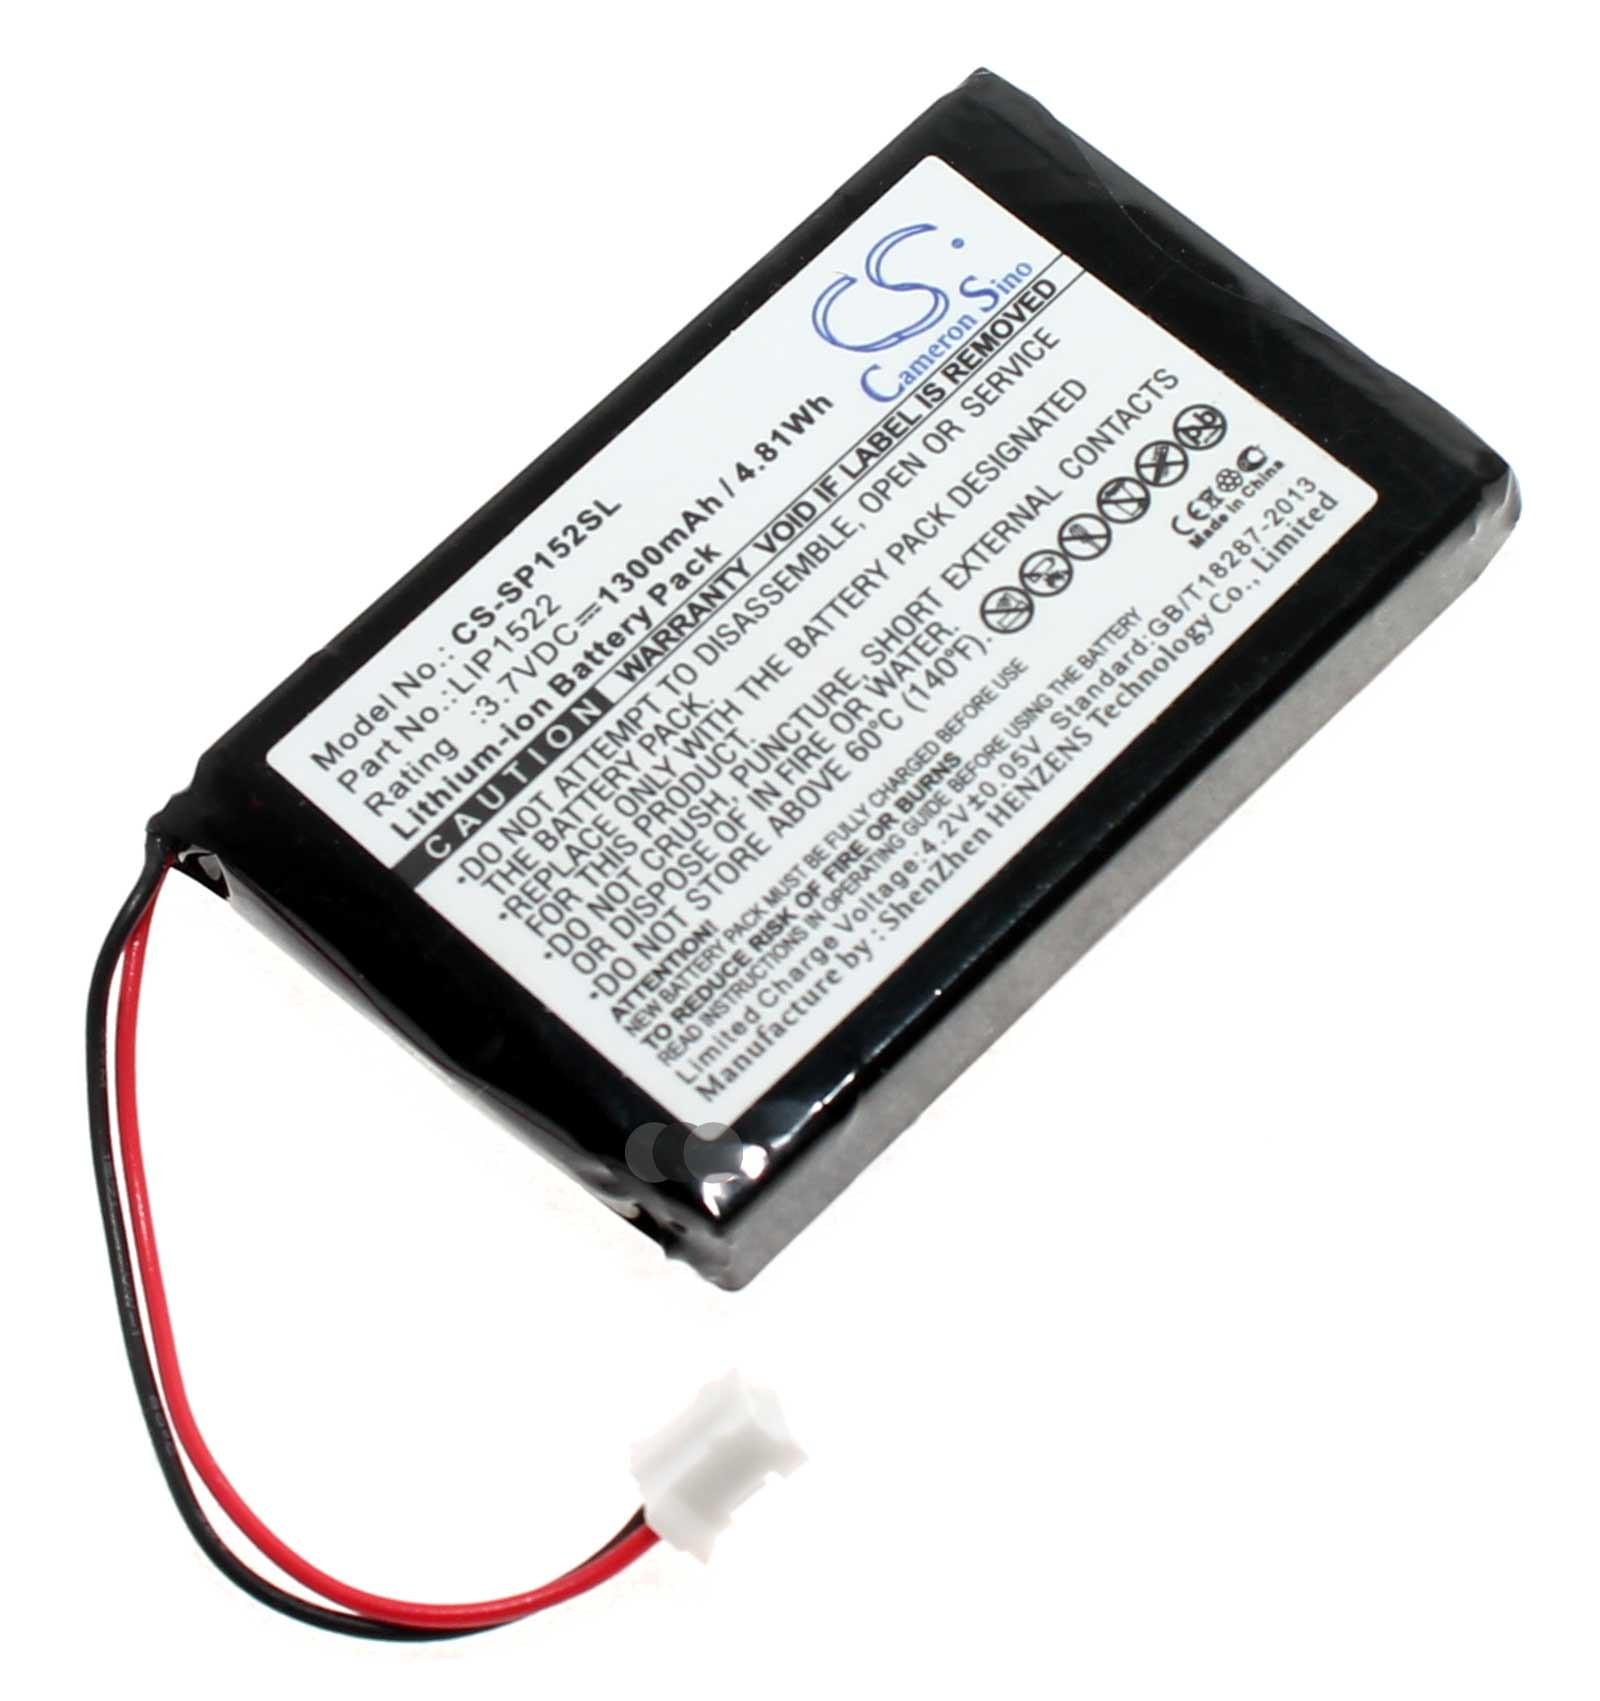 Alternativer Akku für Sony Play Station 4 Dualshock 4 Wireless Controller CHU-ZCT1H ersetzt LIP1522.